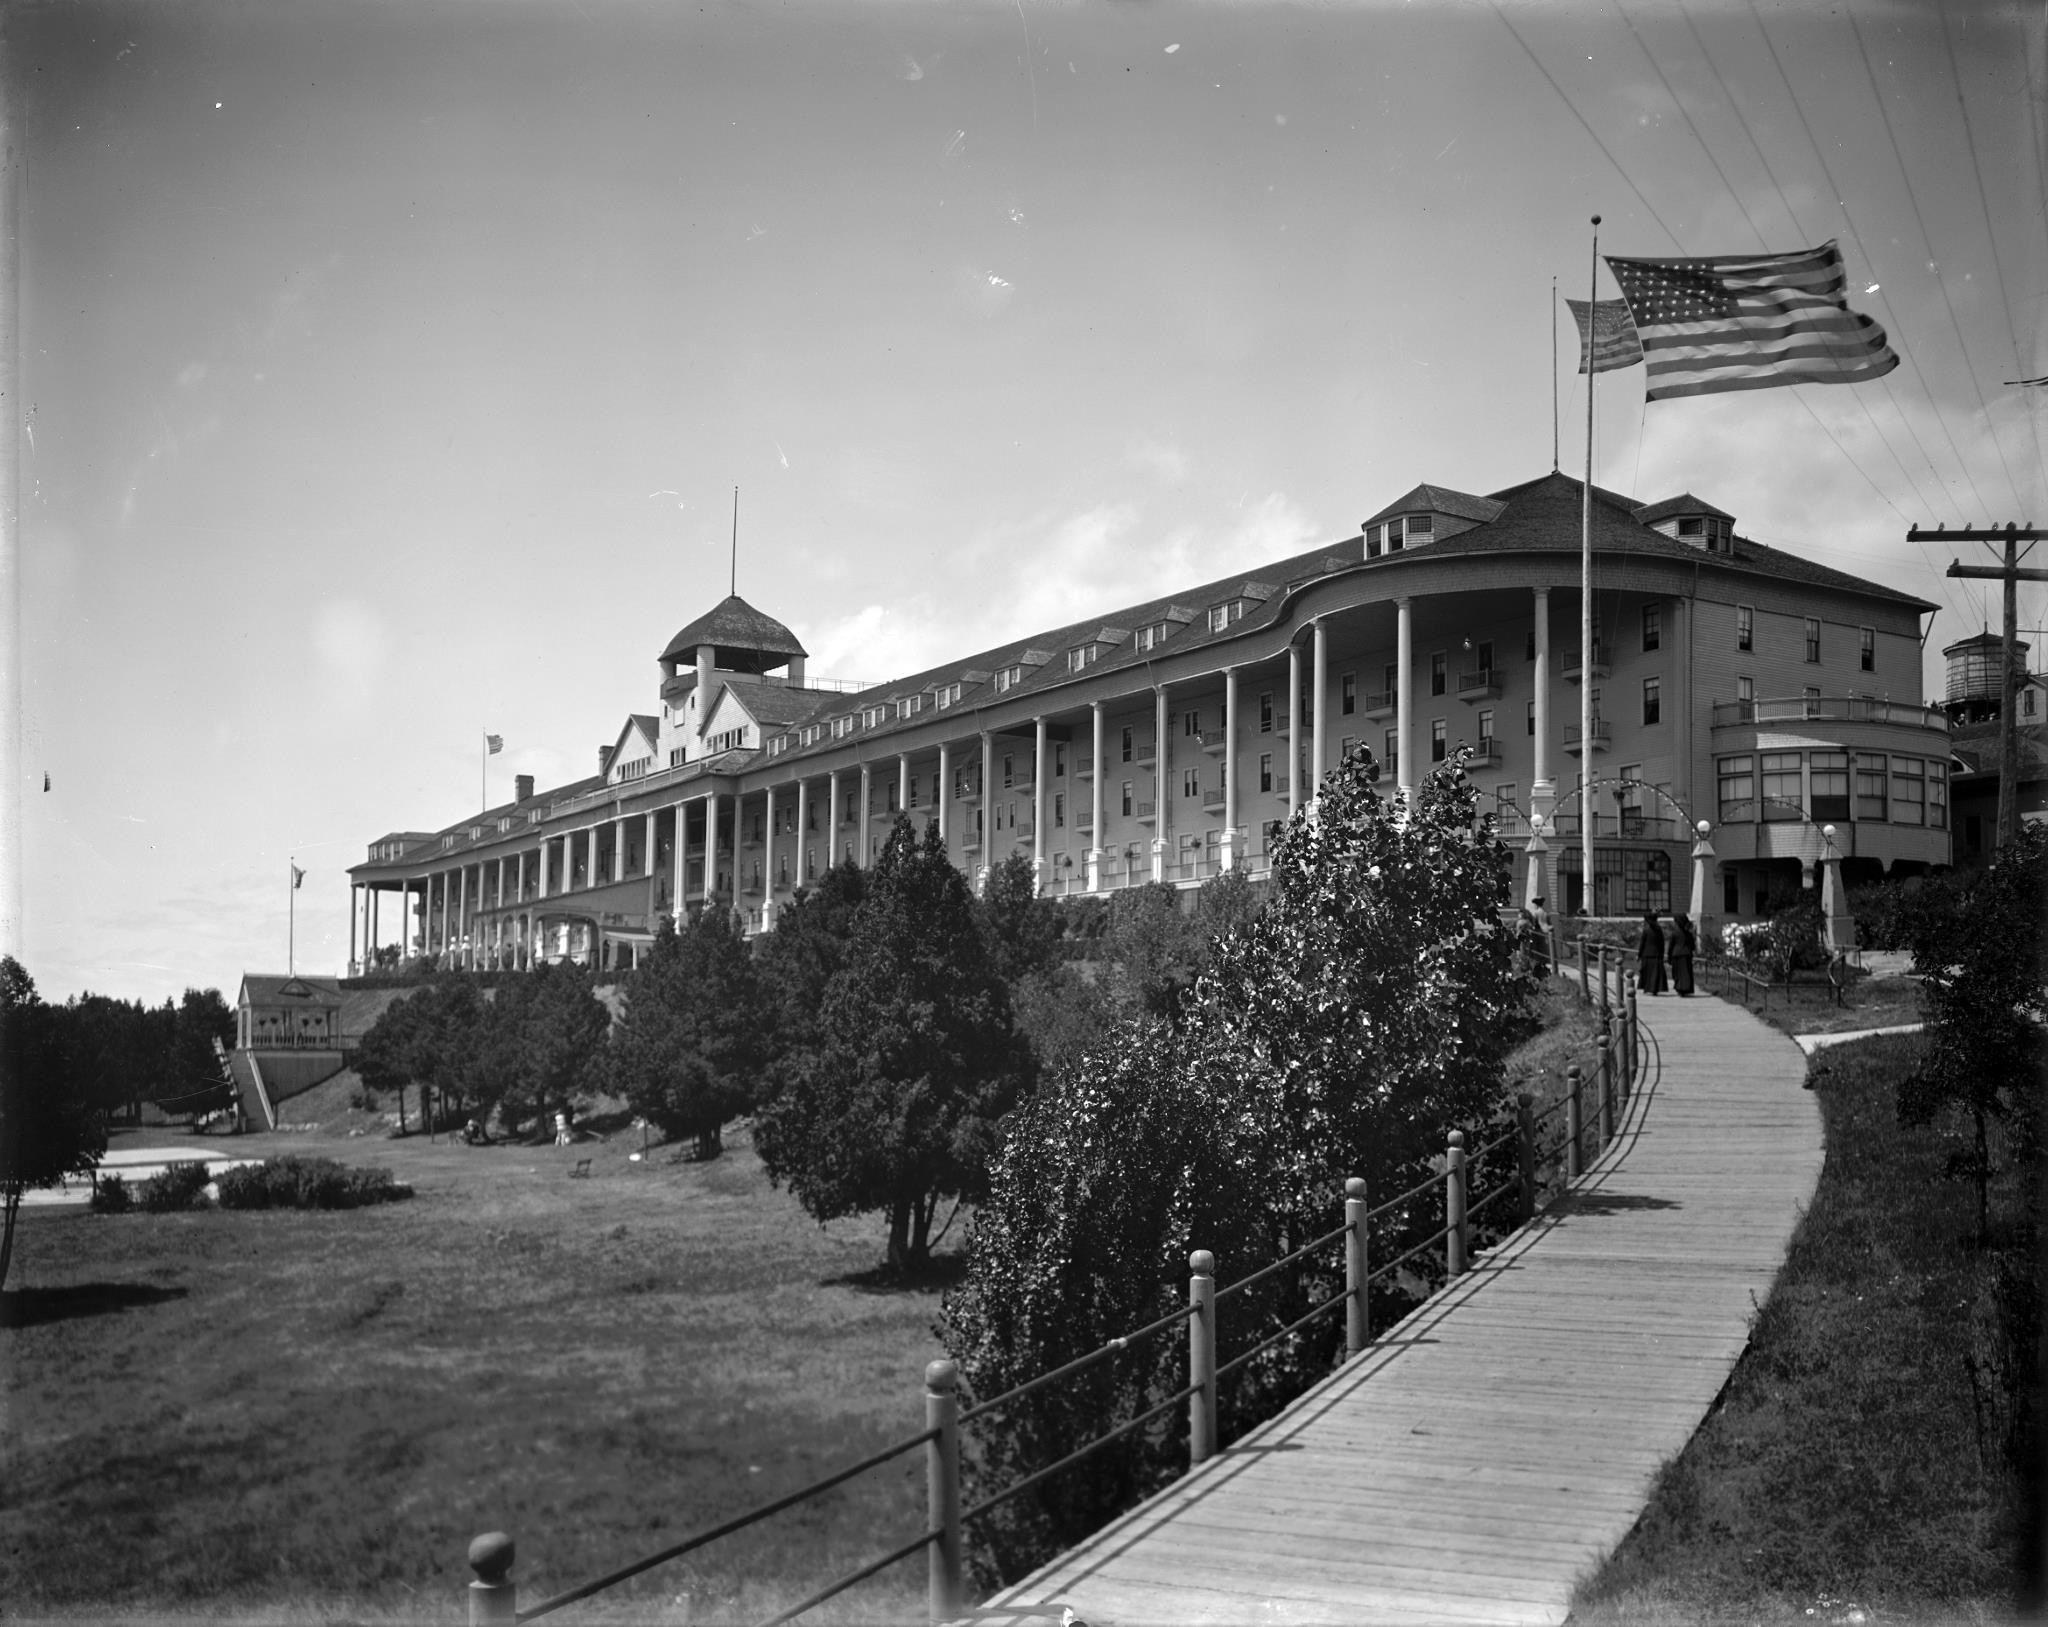 Grand Hotel Mackinac island, Mackinaw city, Mackinac